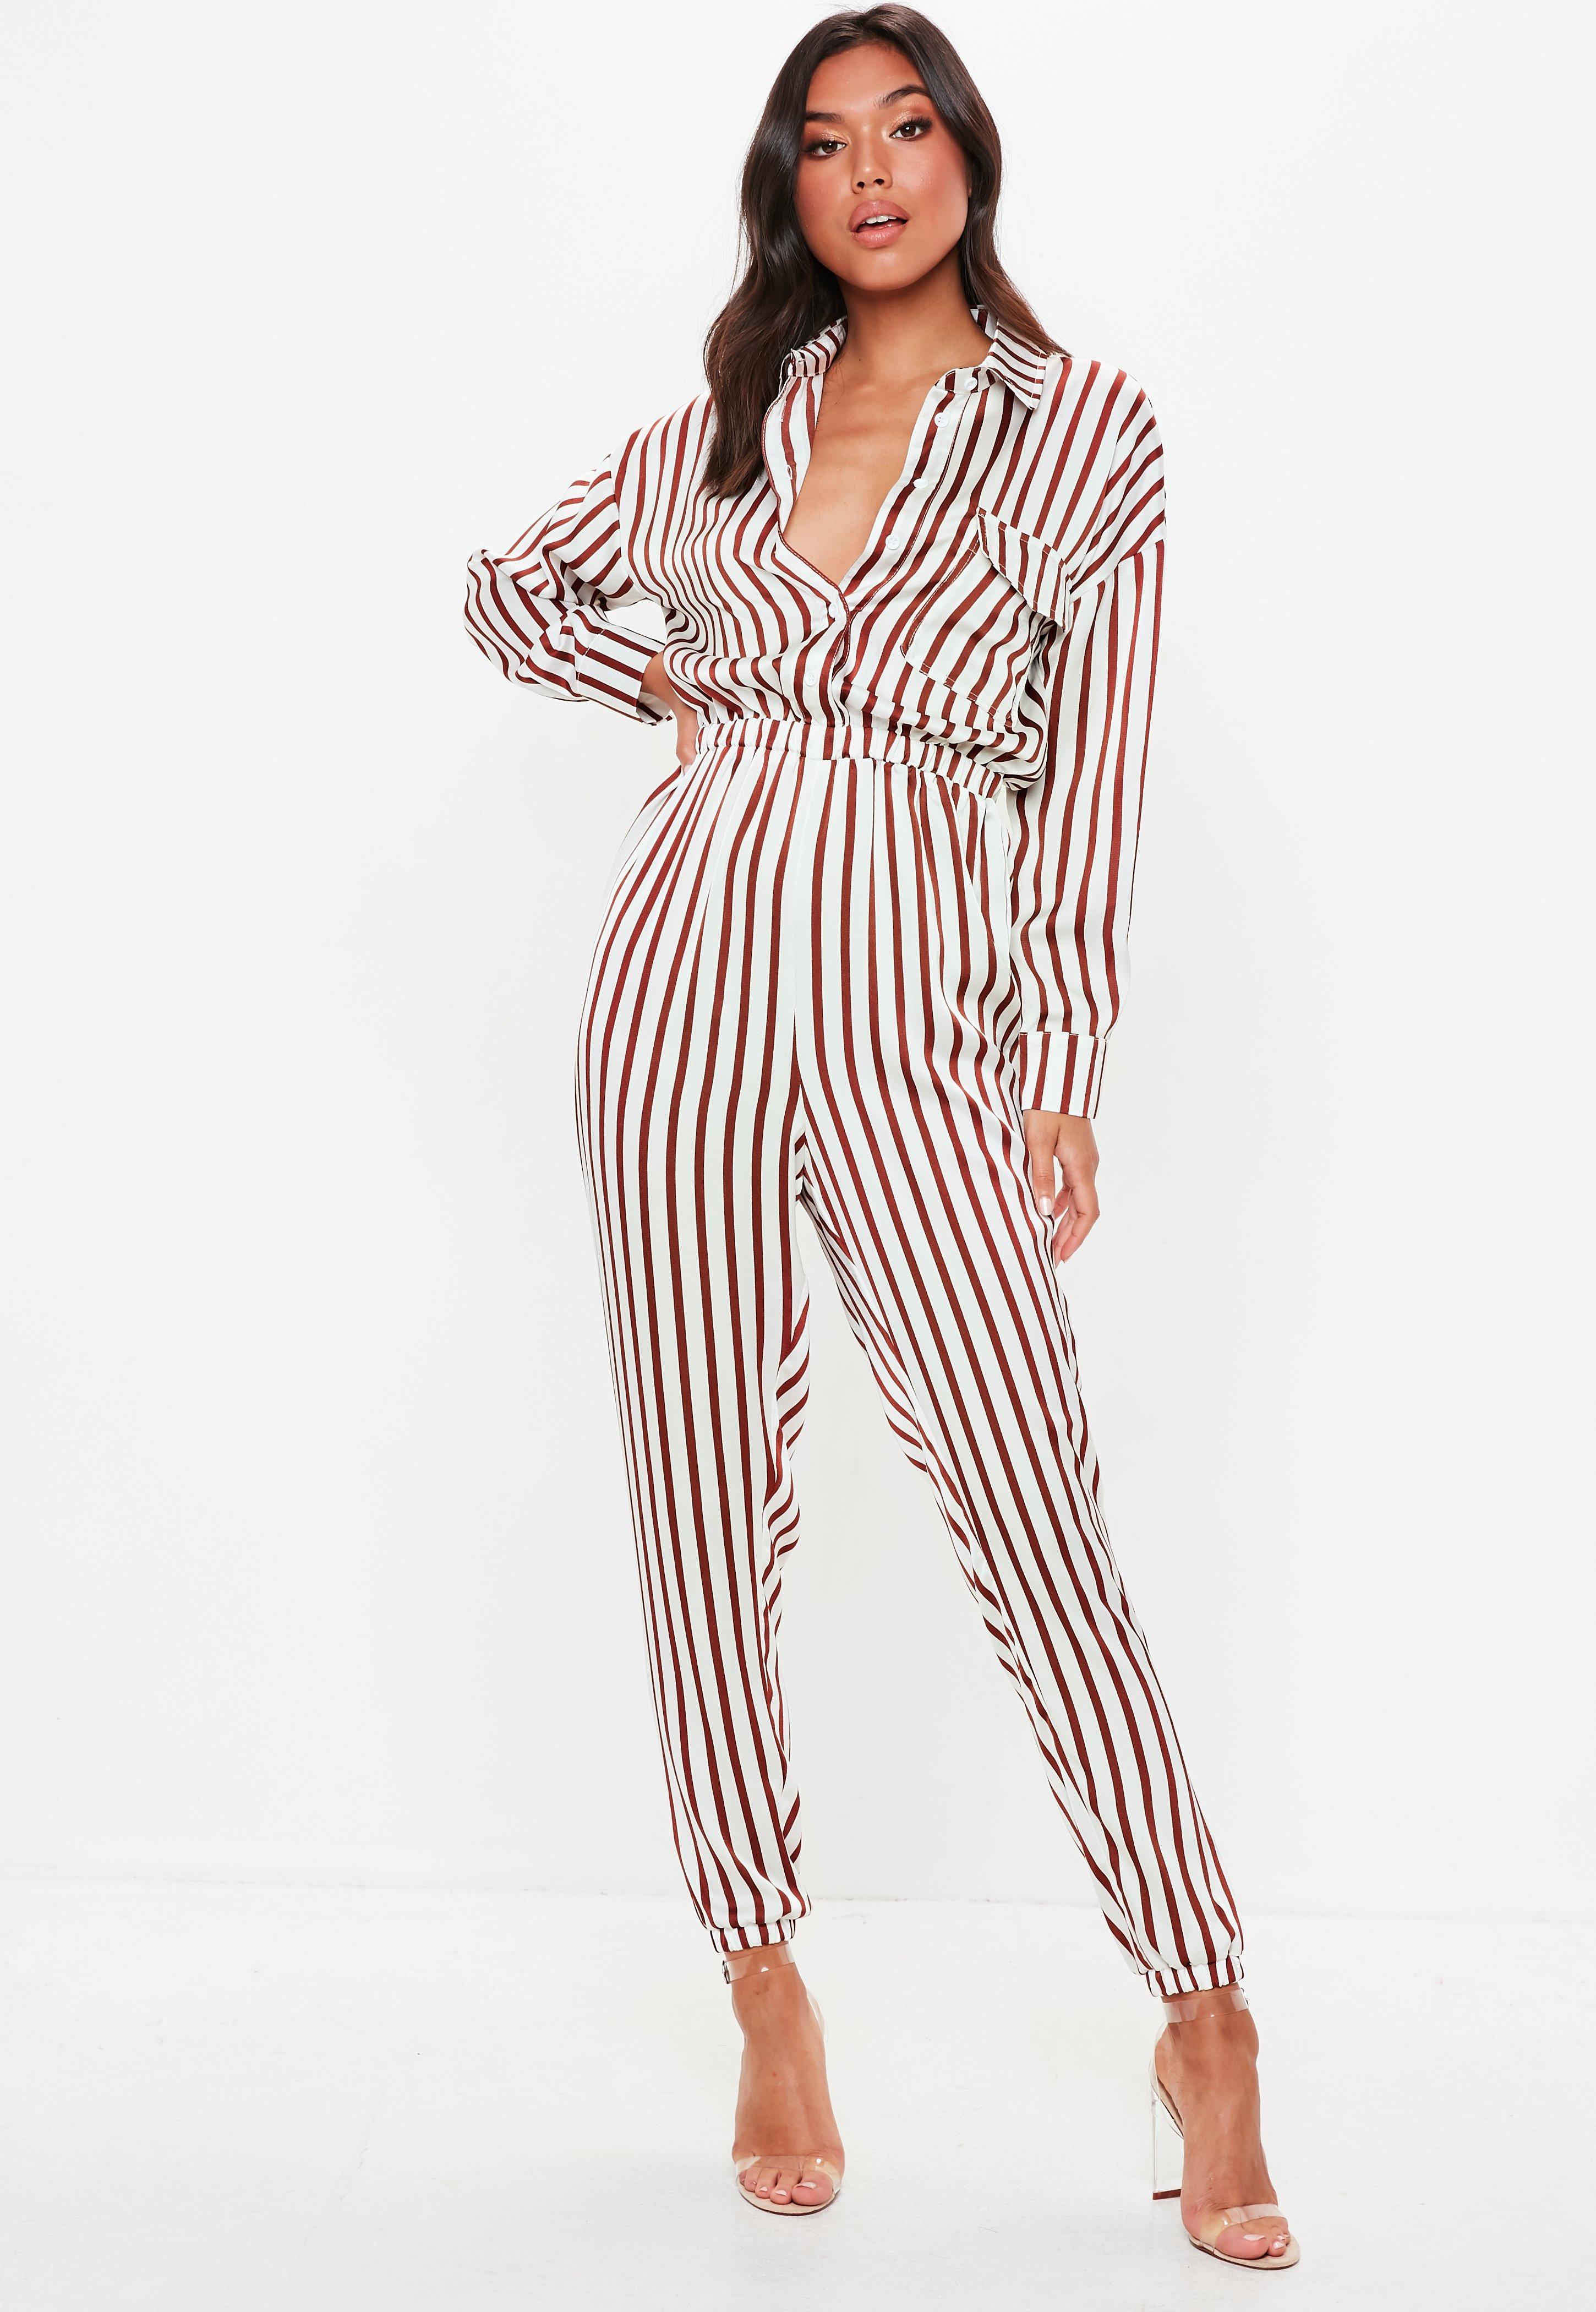 6f06335111acc Combinaison femme   Combinaison pantalon chic - Missguided